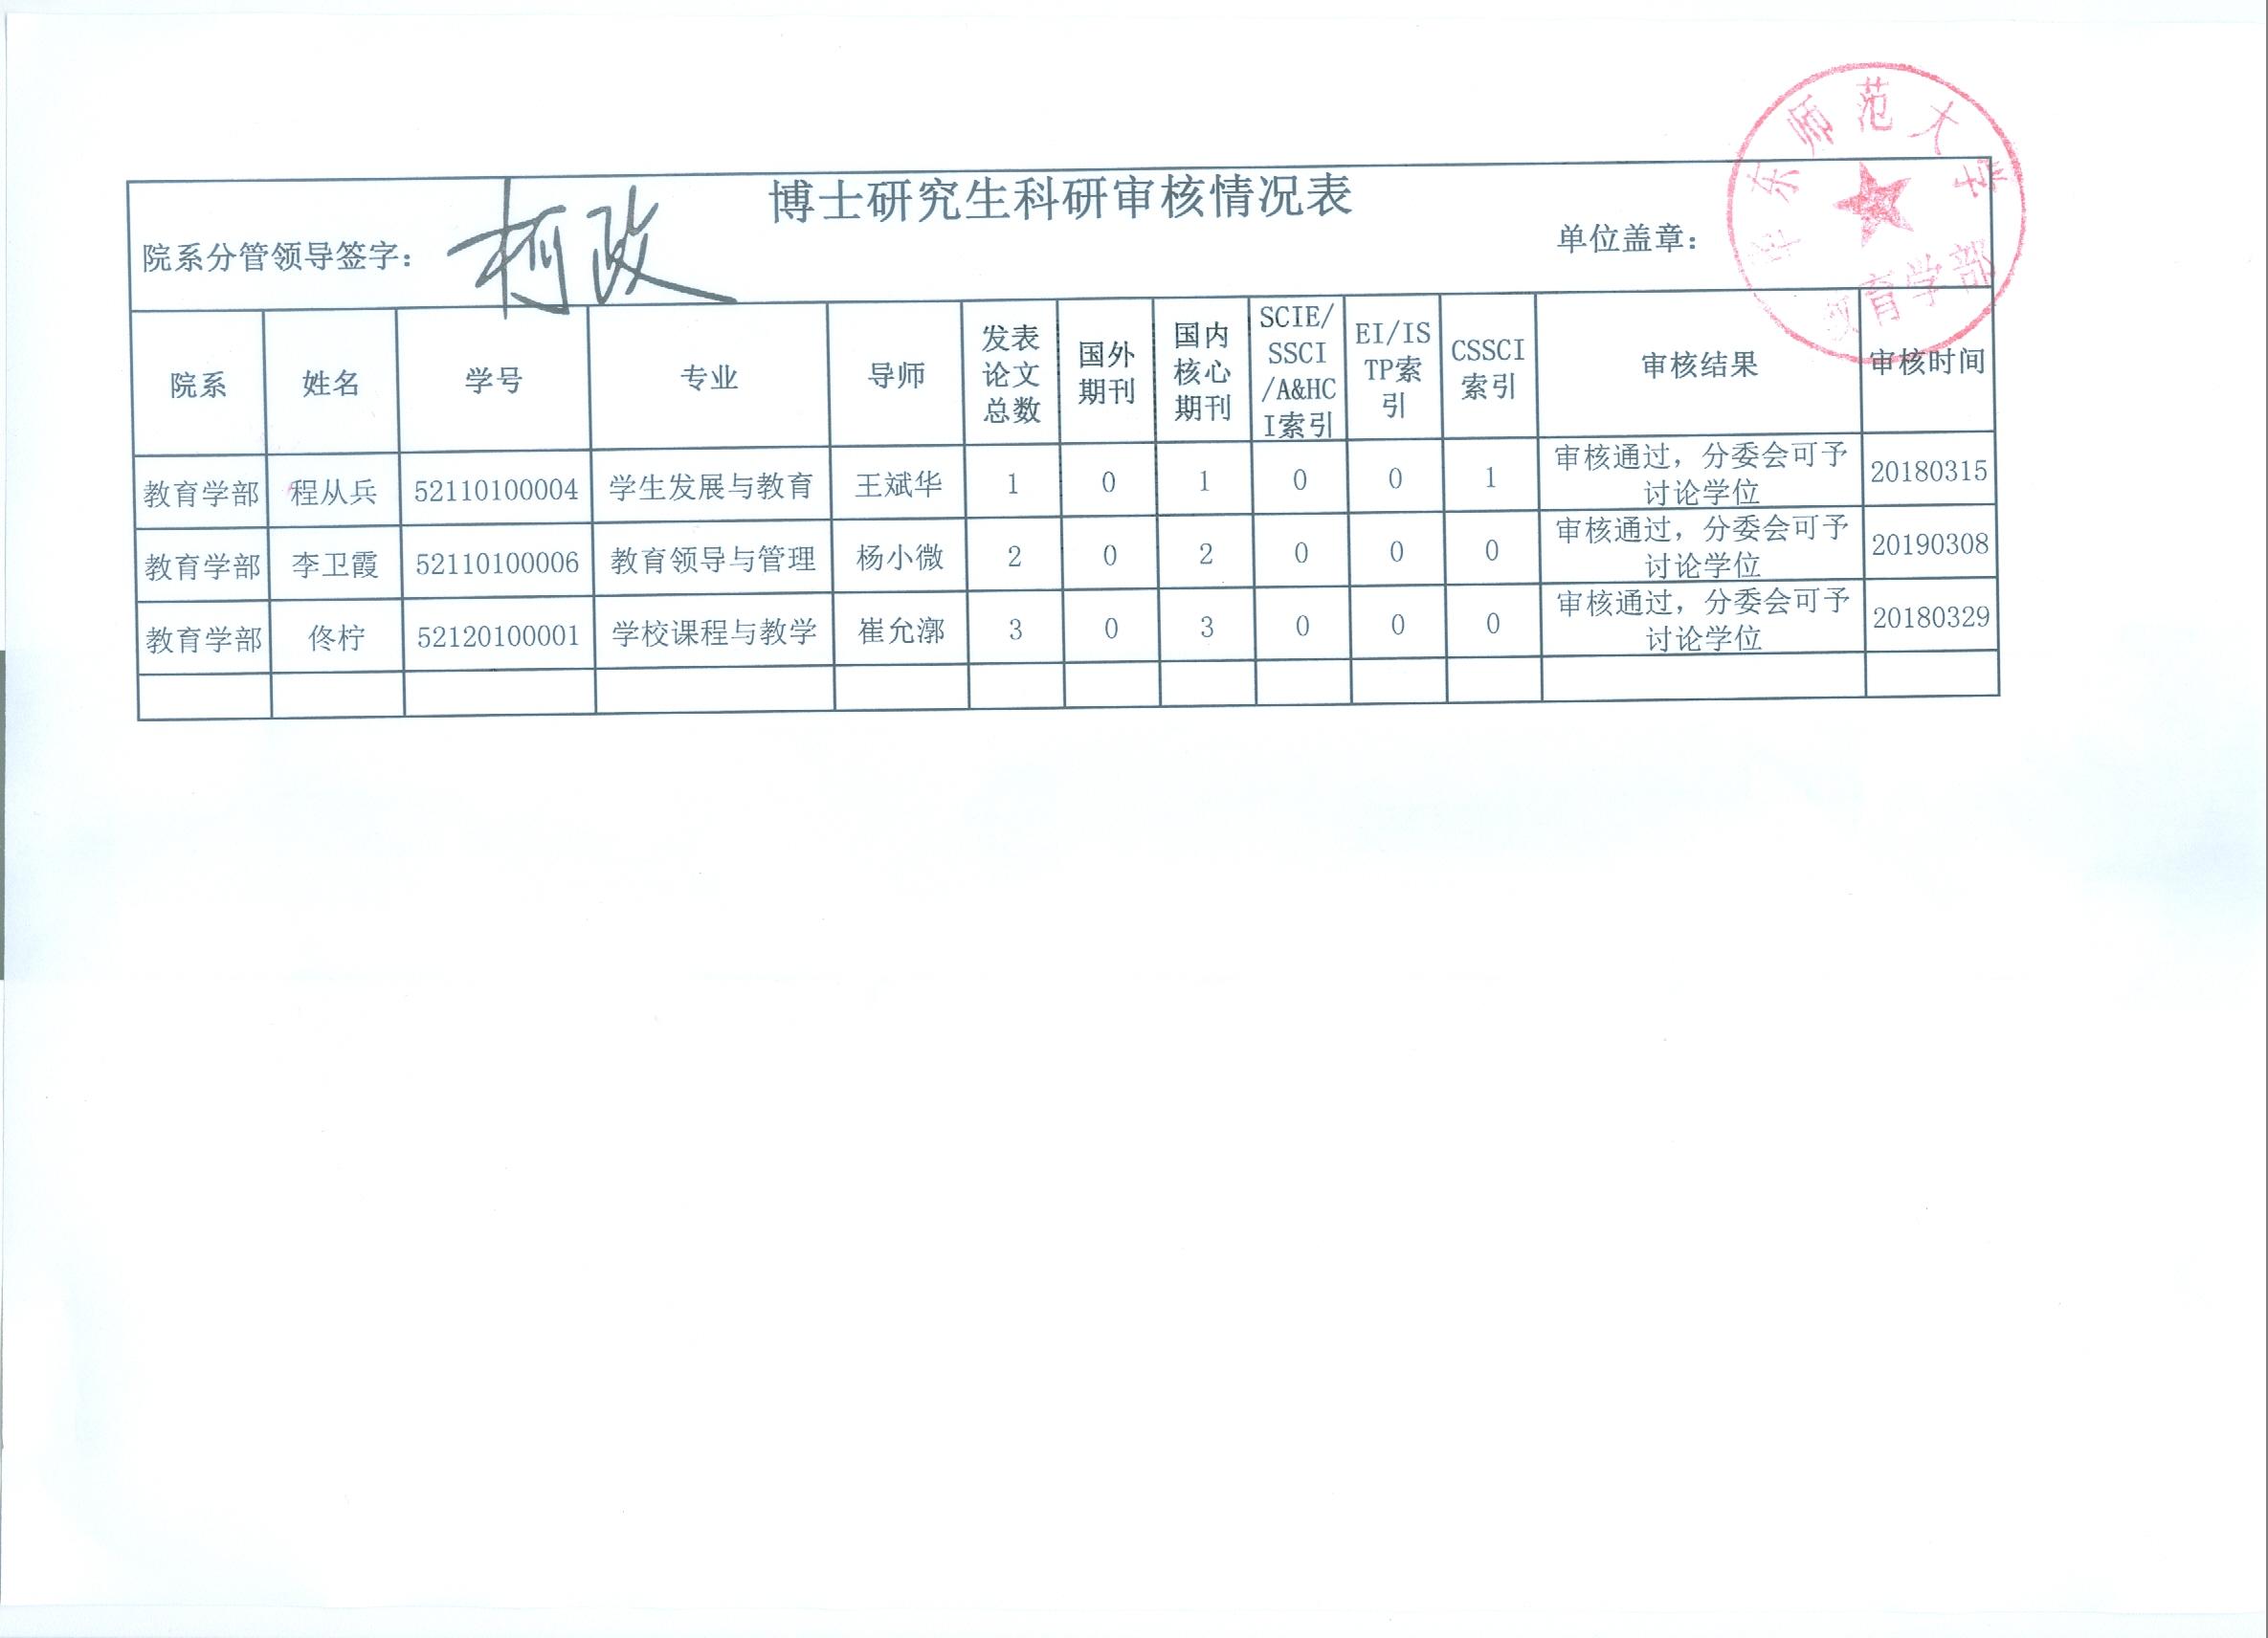 教育学部2019年春季拟毕业教育博士研究生科研审核结果公示(公示结束)